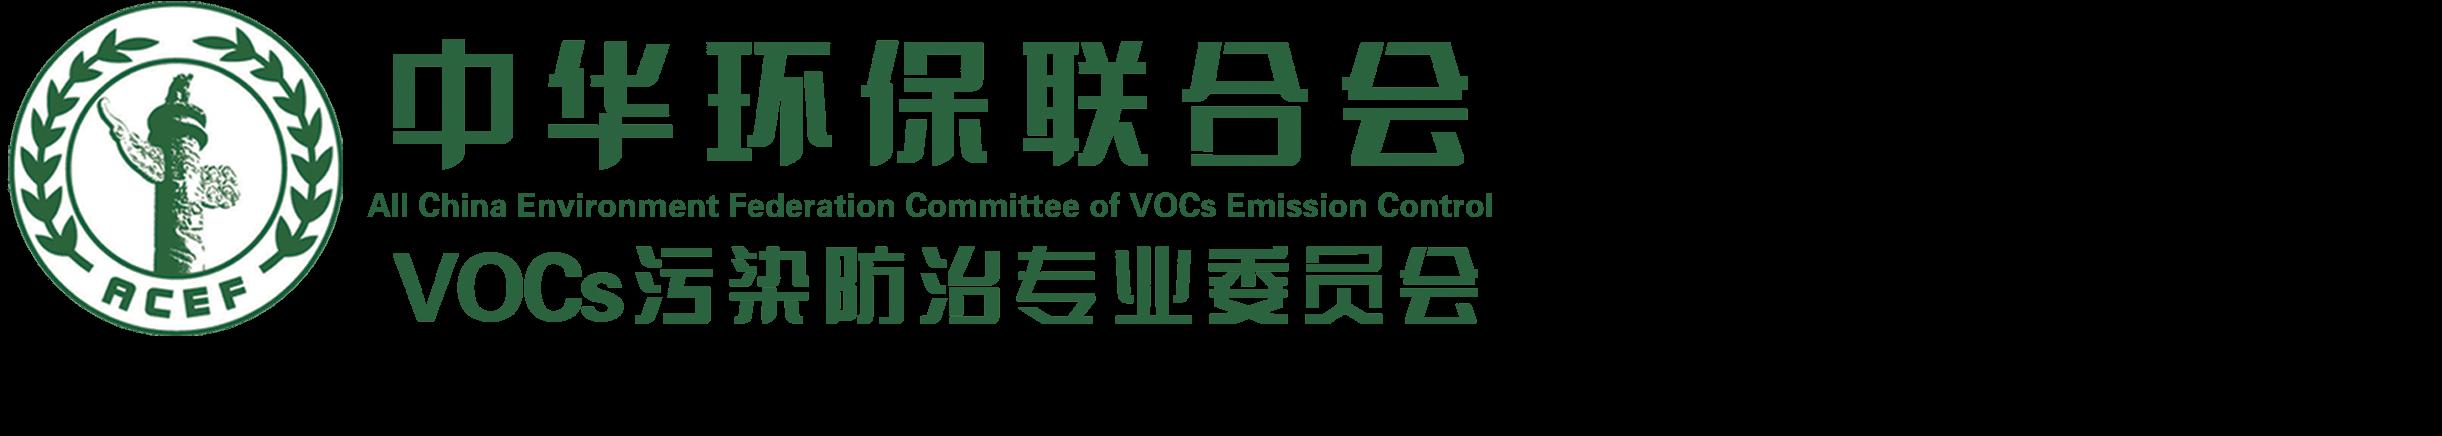 中环联创北京科技发展中心